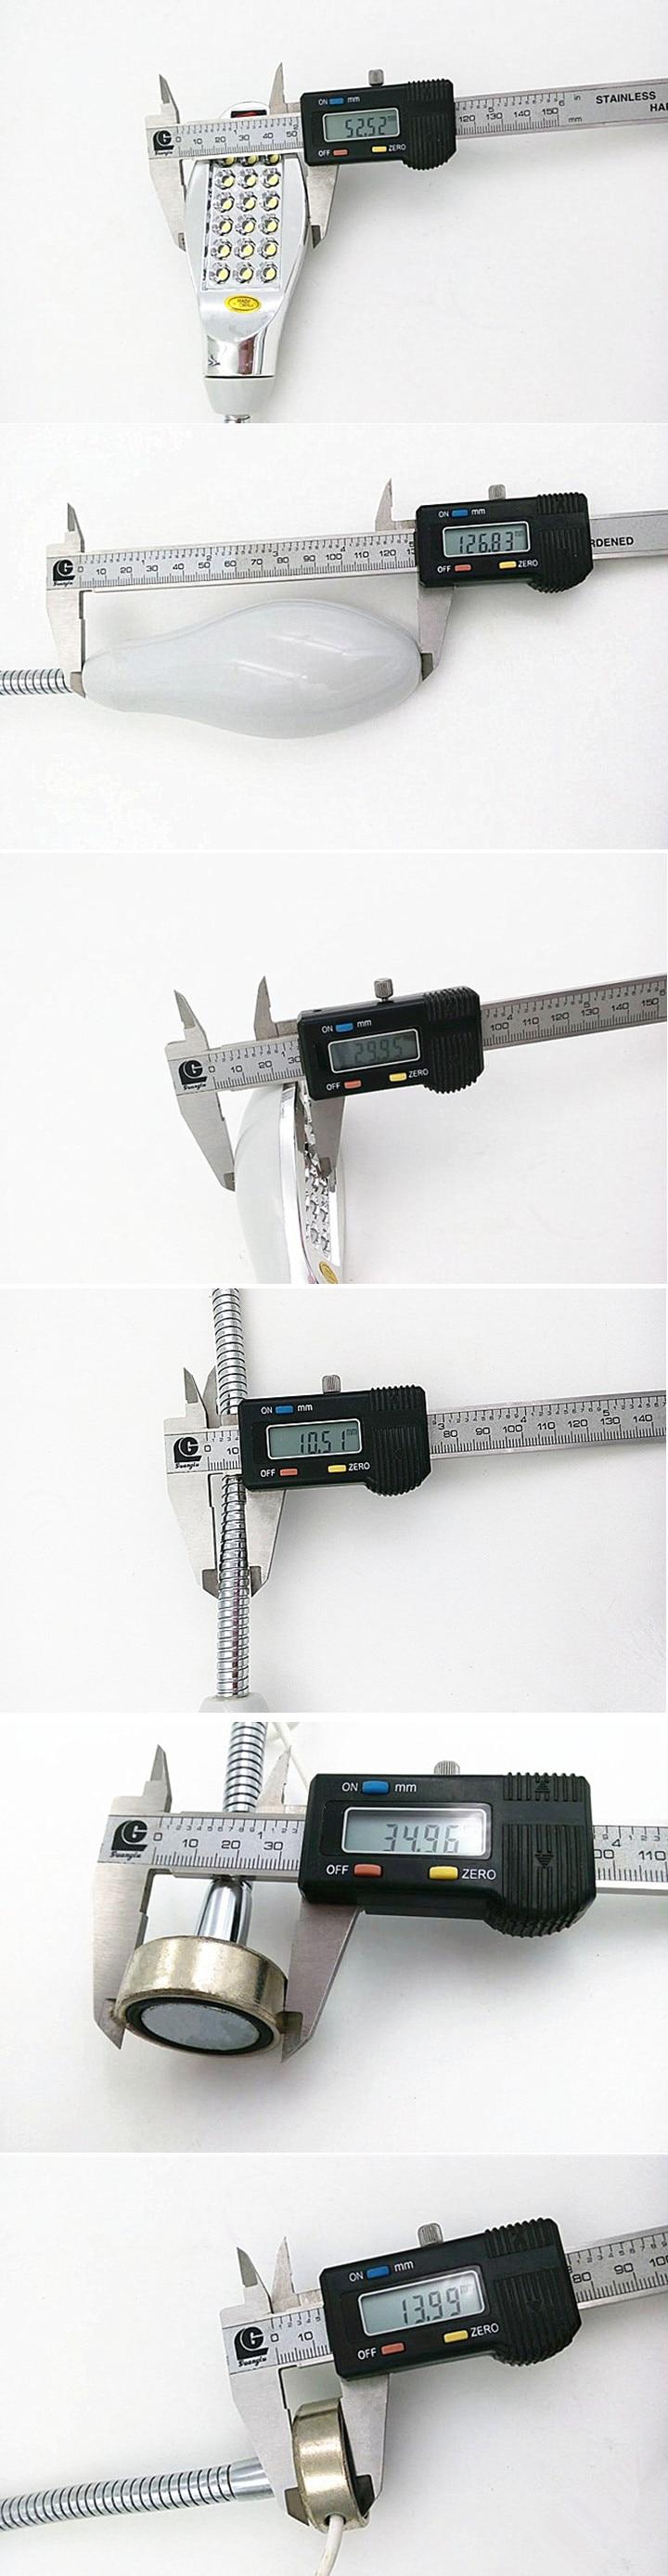 D18A-1.8W светодиодная лампочка для швейной машинки, промышленная лампа для шитья, AC110V220V380V